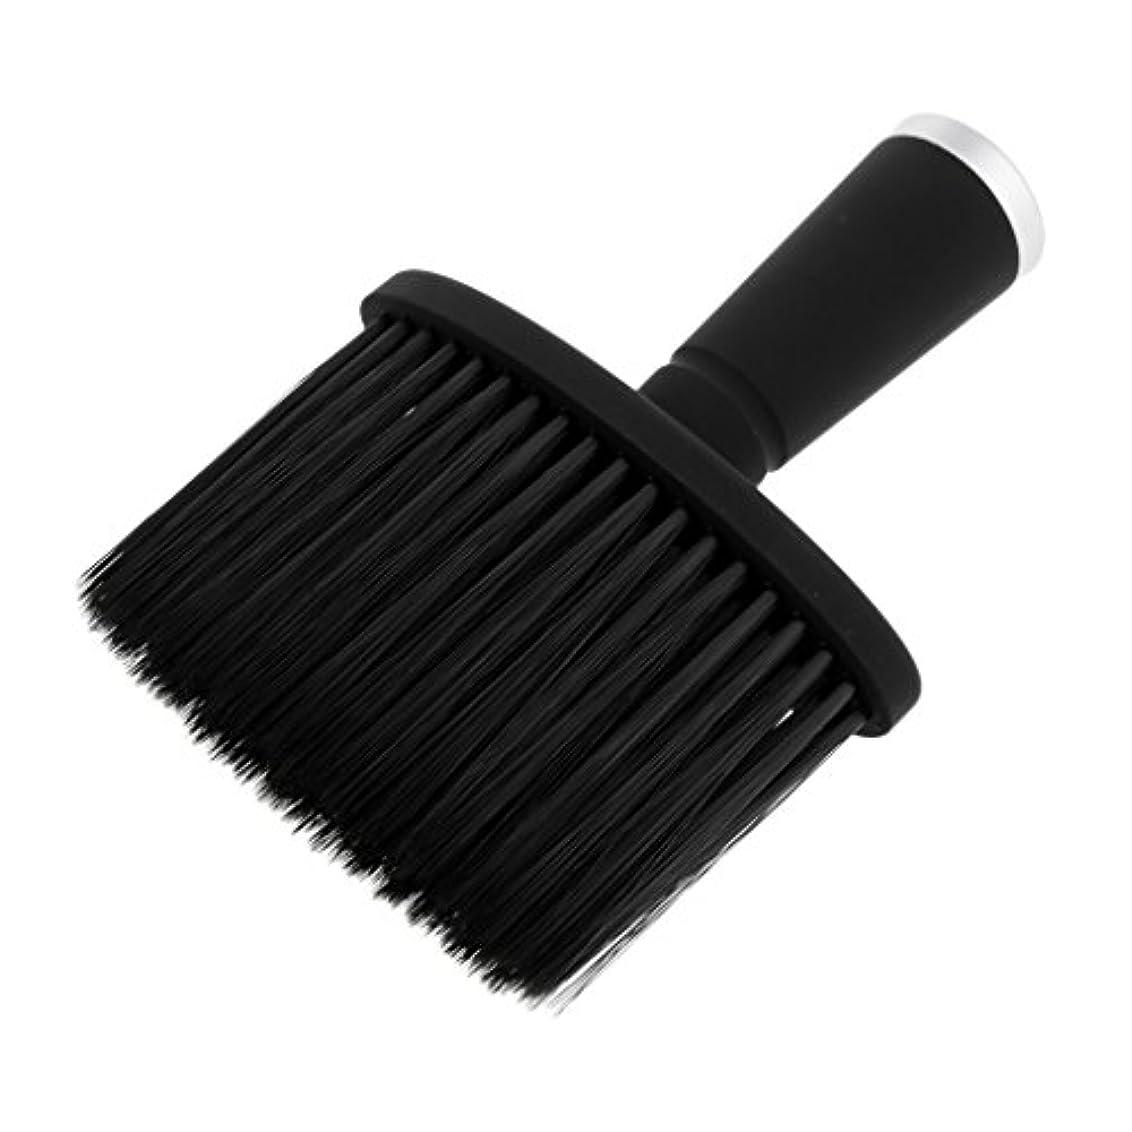 ヒットはがき退屈ソフトネックダスターブラシサロンのためのスタイリストの理髪髪ヘアカットメイクツール - 銀